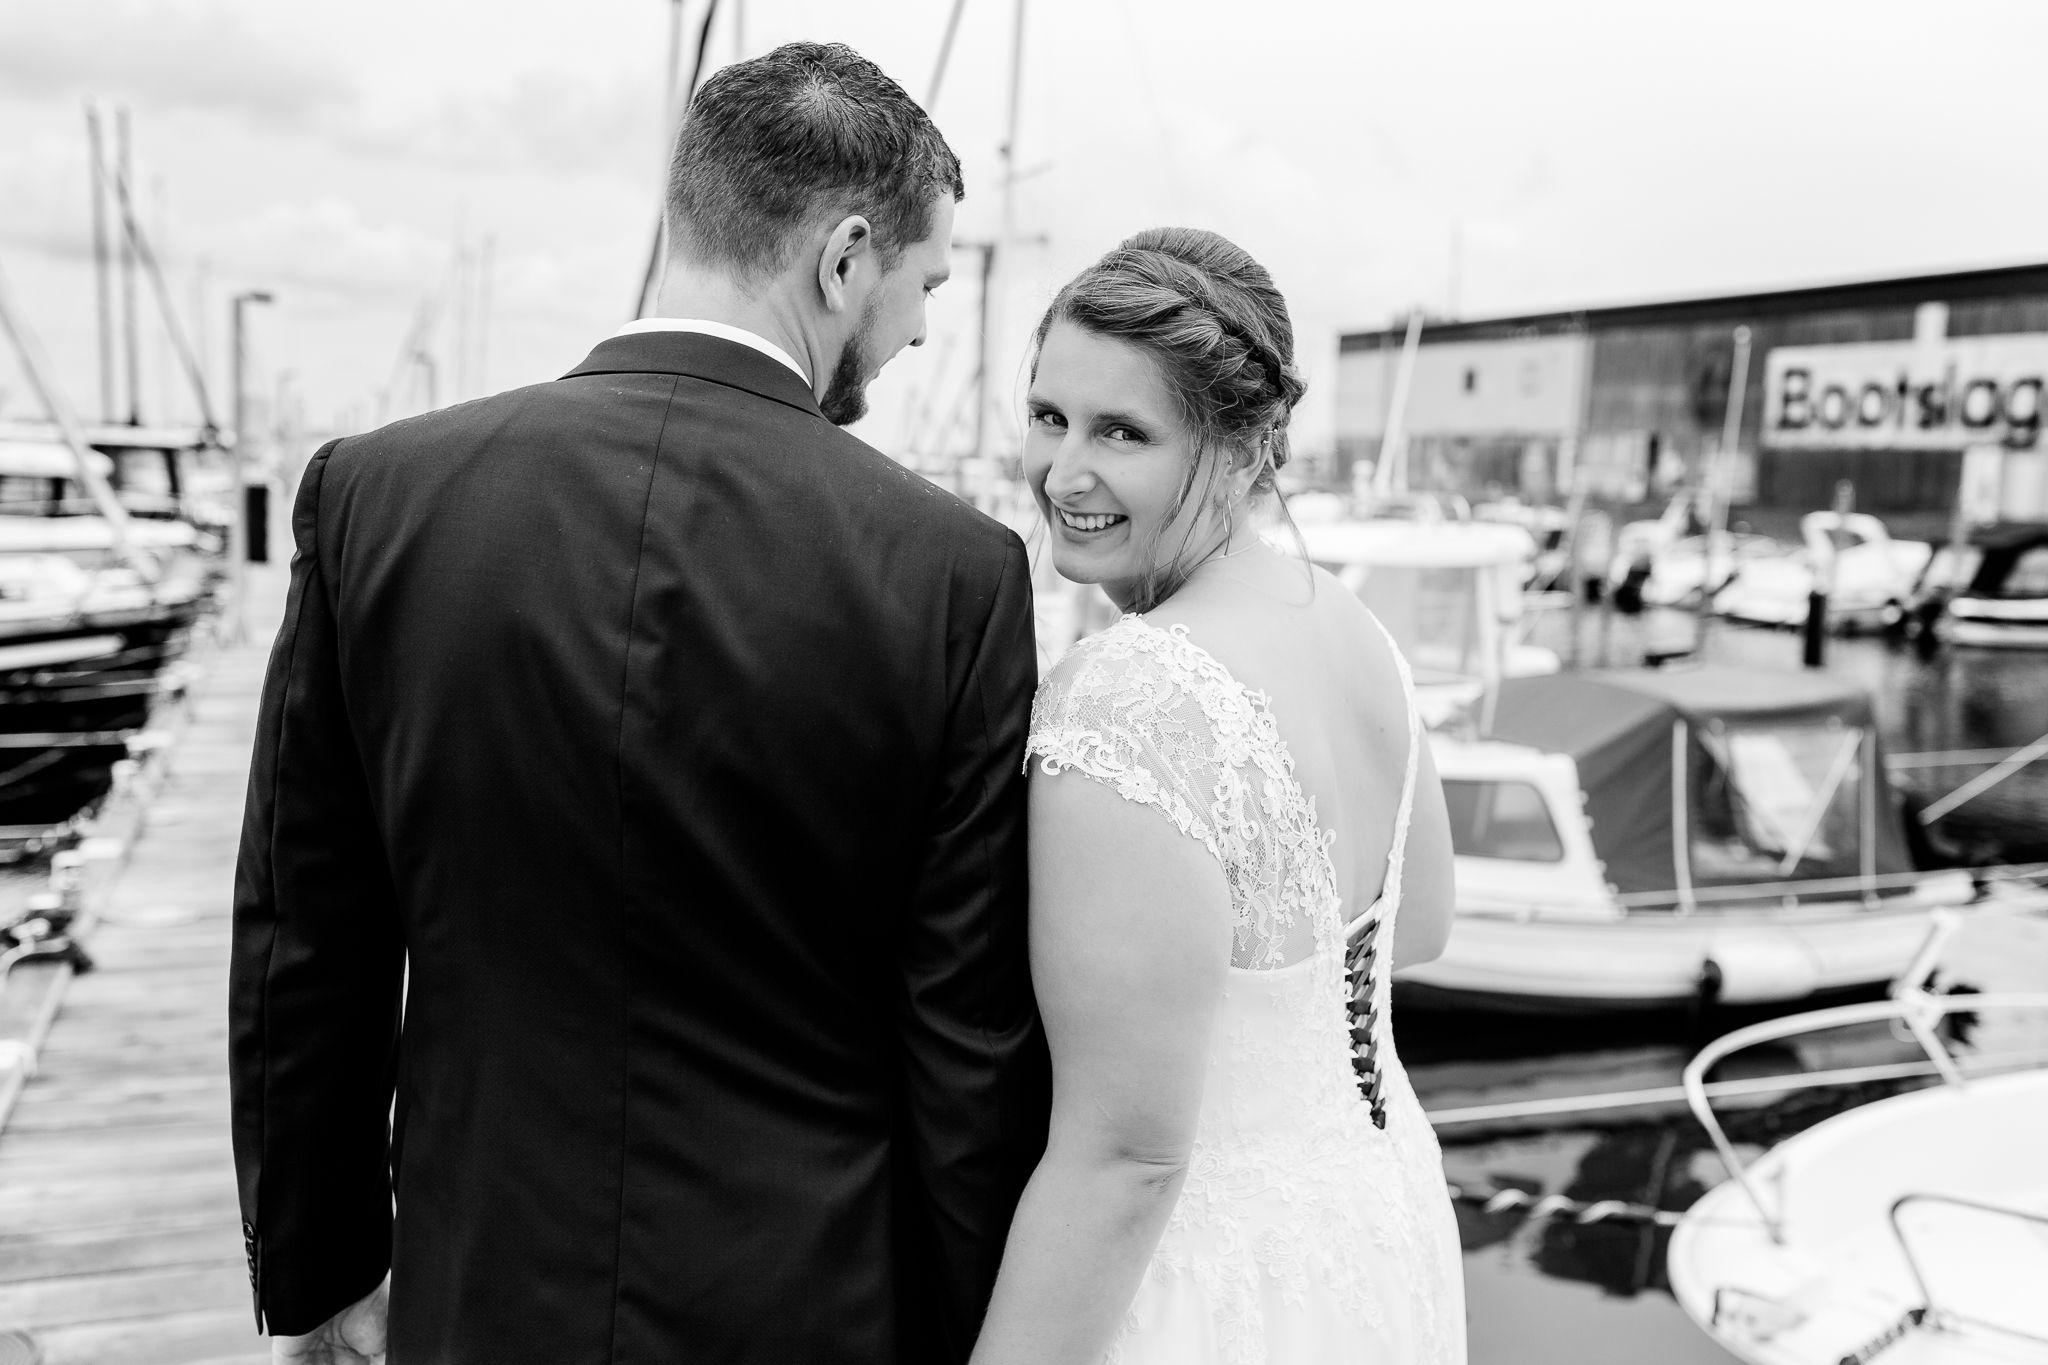 Brautpaar Shooting Im Yachthafen Regen Hochzeit Maritime Hochzeit Brautpaar